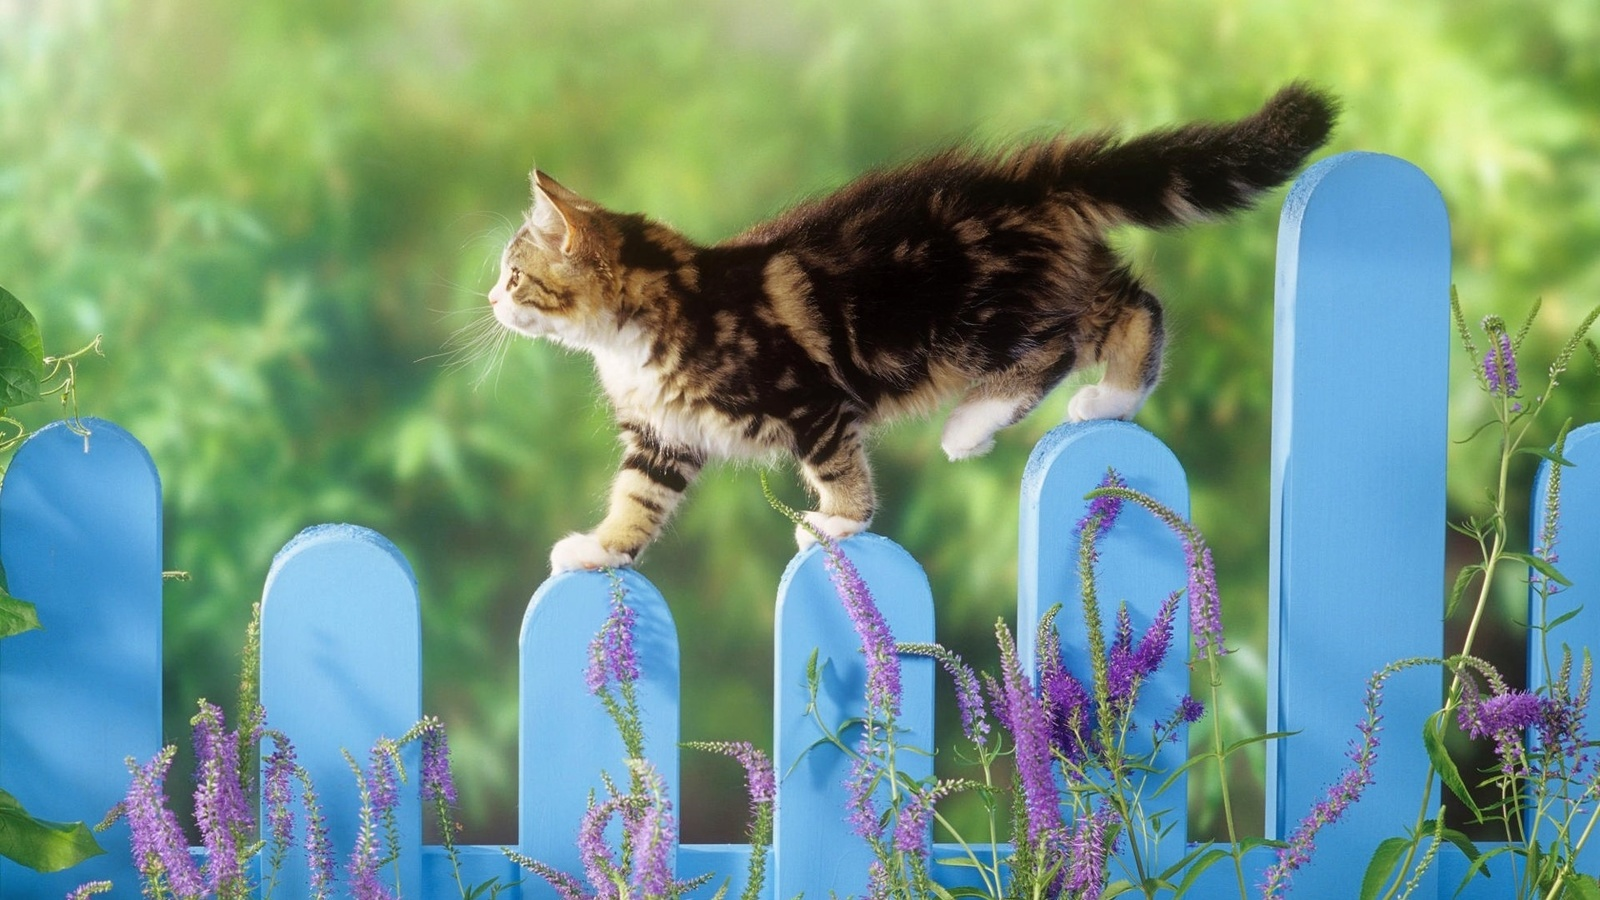 Позитивные картинки открытки, картинки котов очках